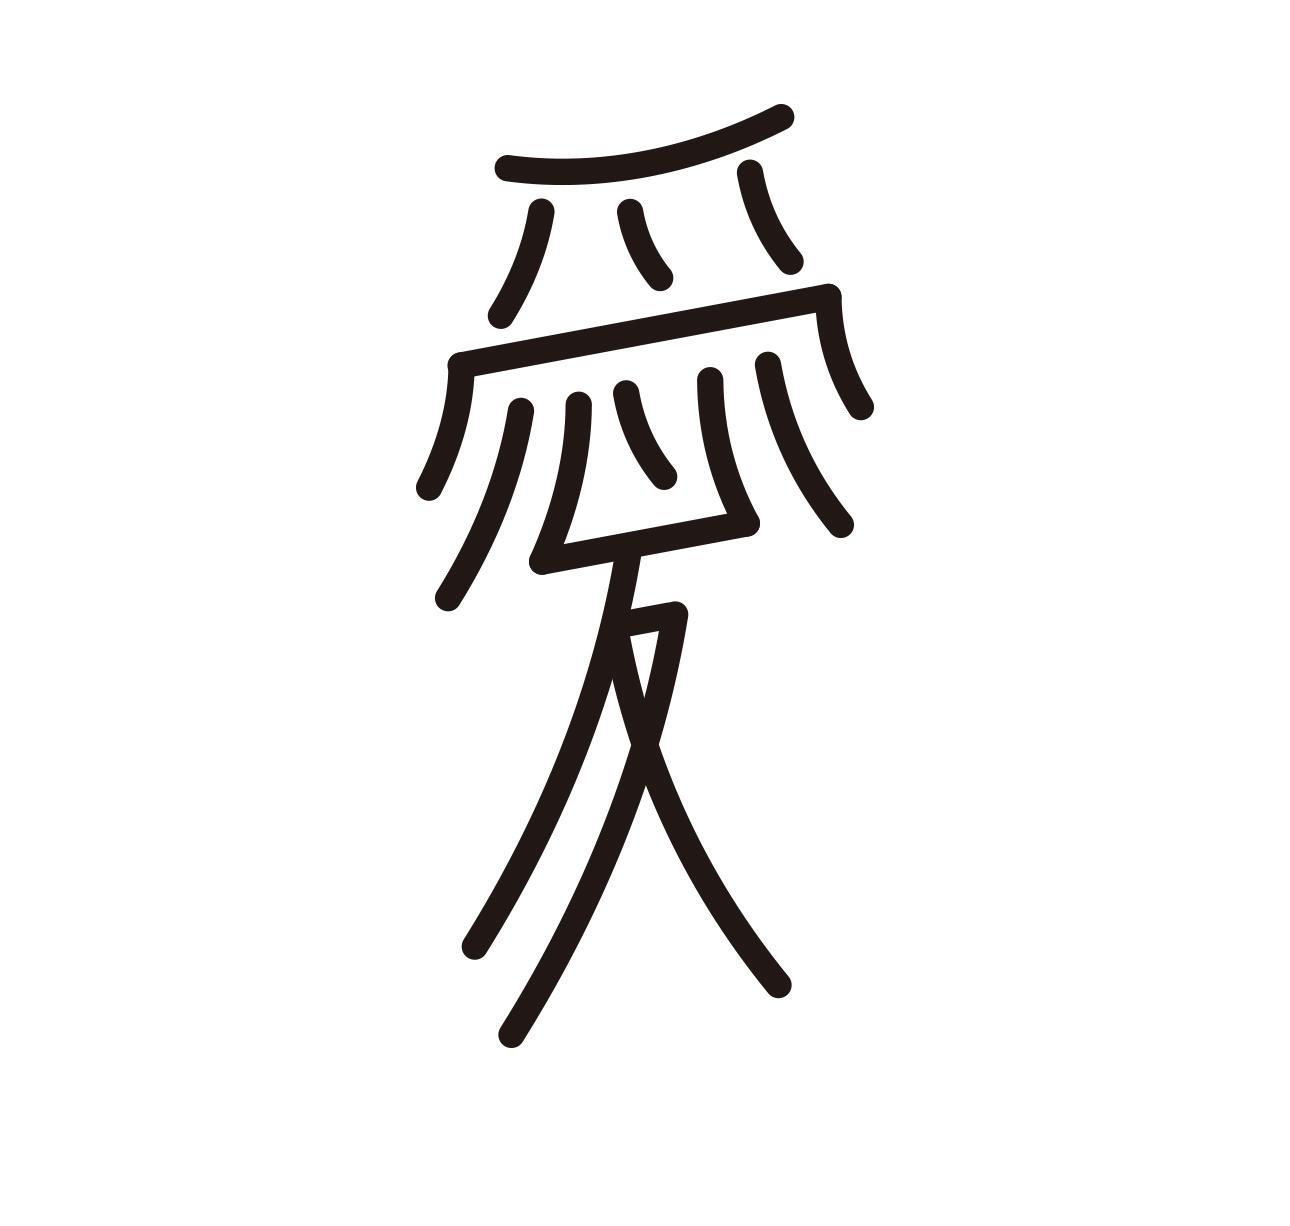 【岳昕字体设计专栏】——创意字体设计(二十五) 每周